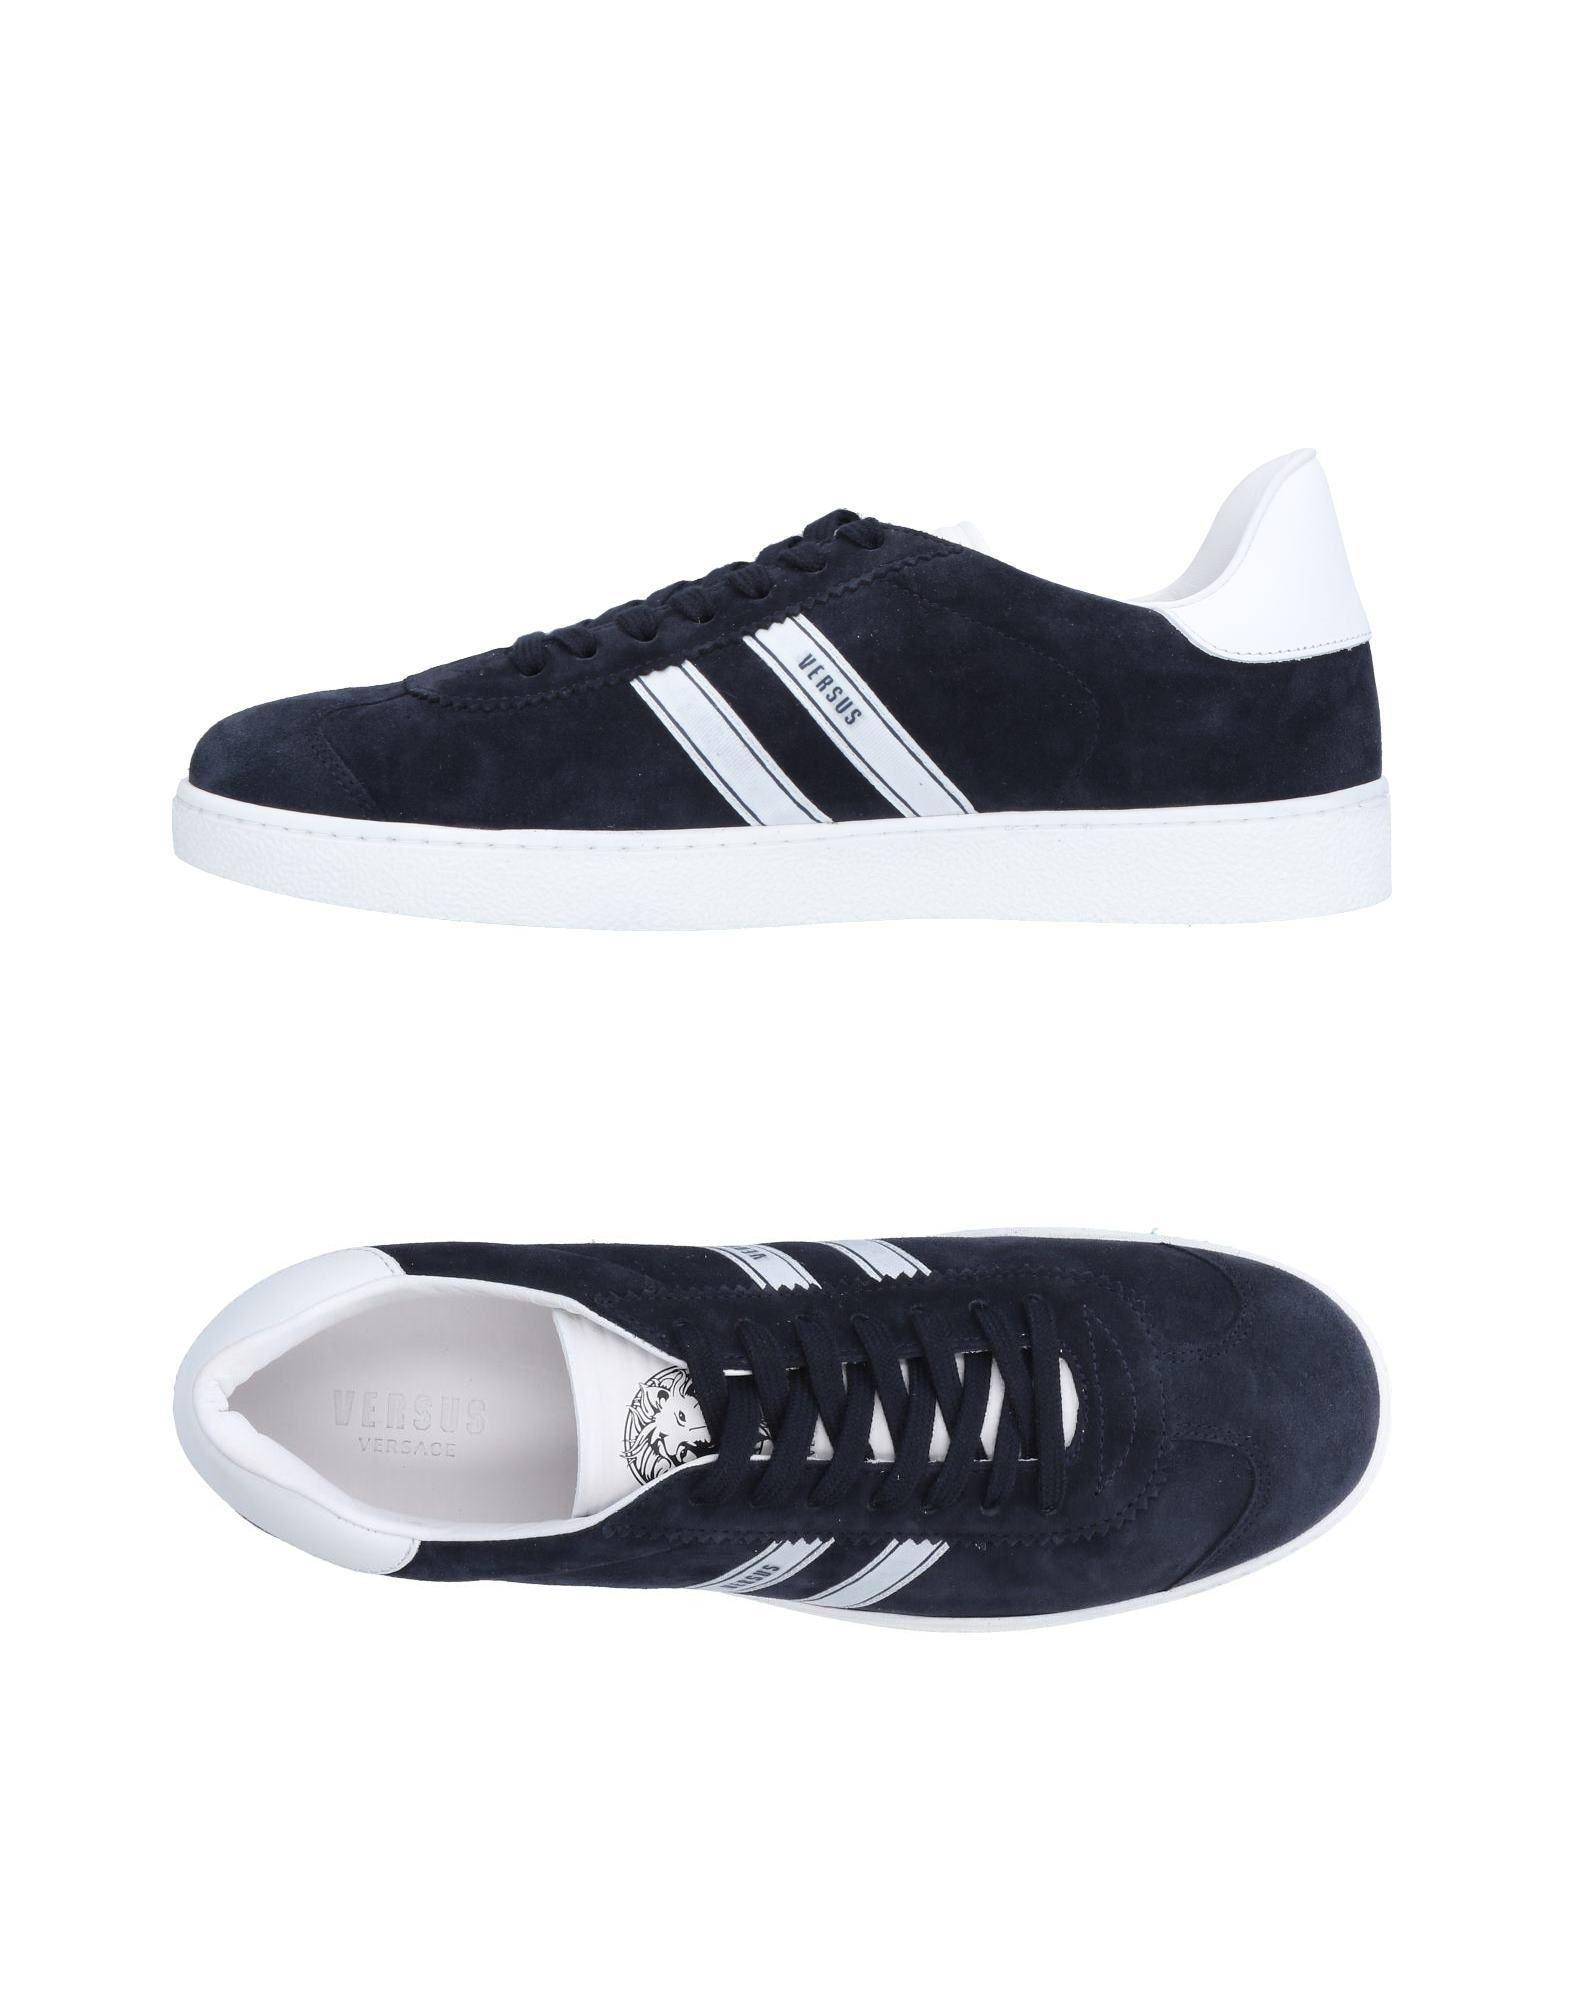 Versus Versace Sneakers Herren  11507209XJ Gute Qualität beliebte Schuhe